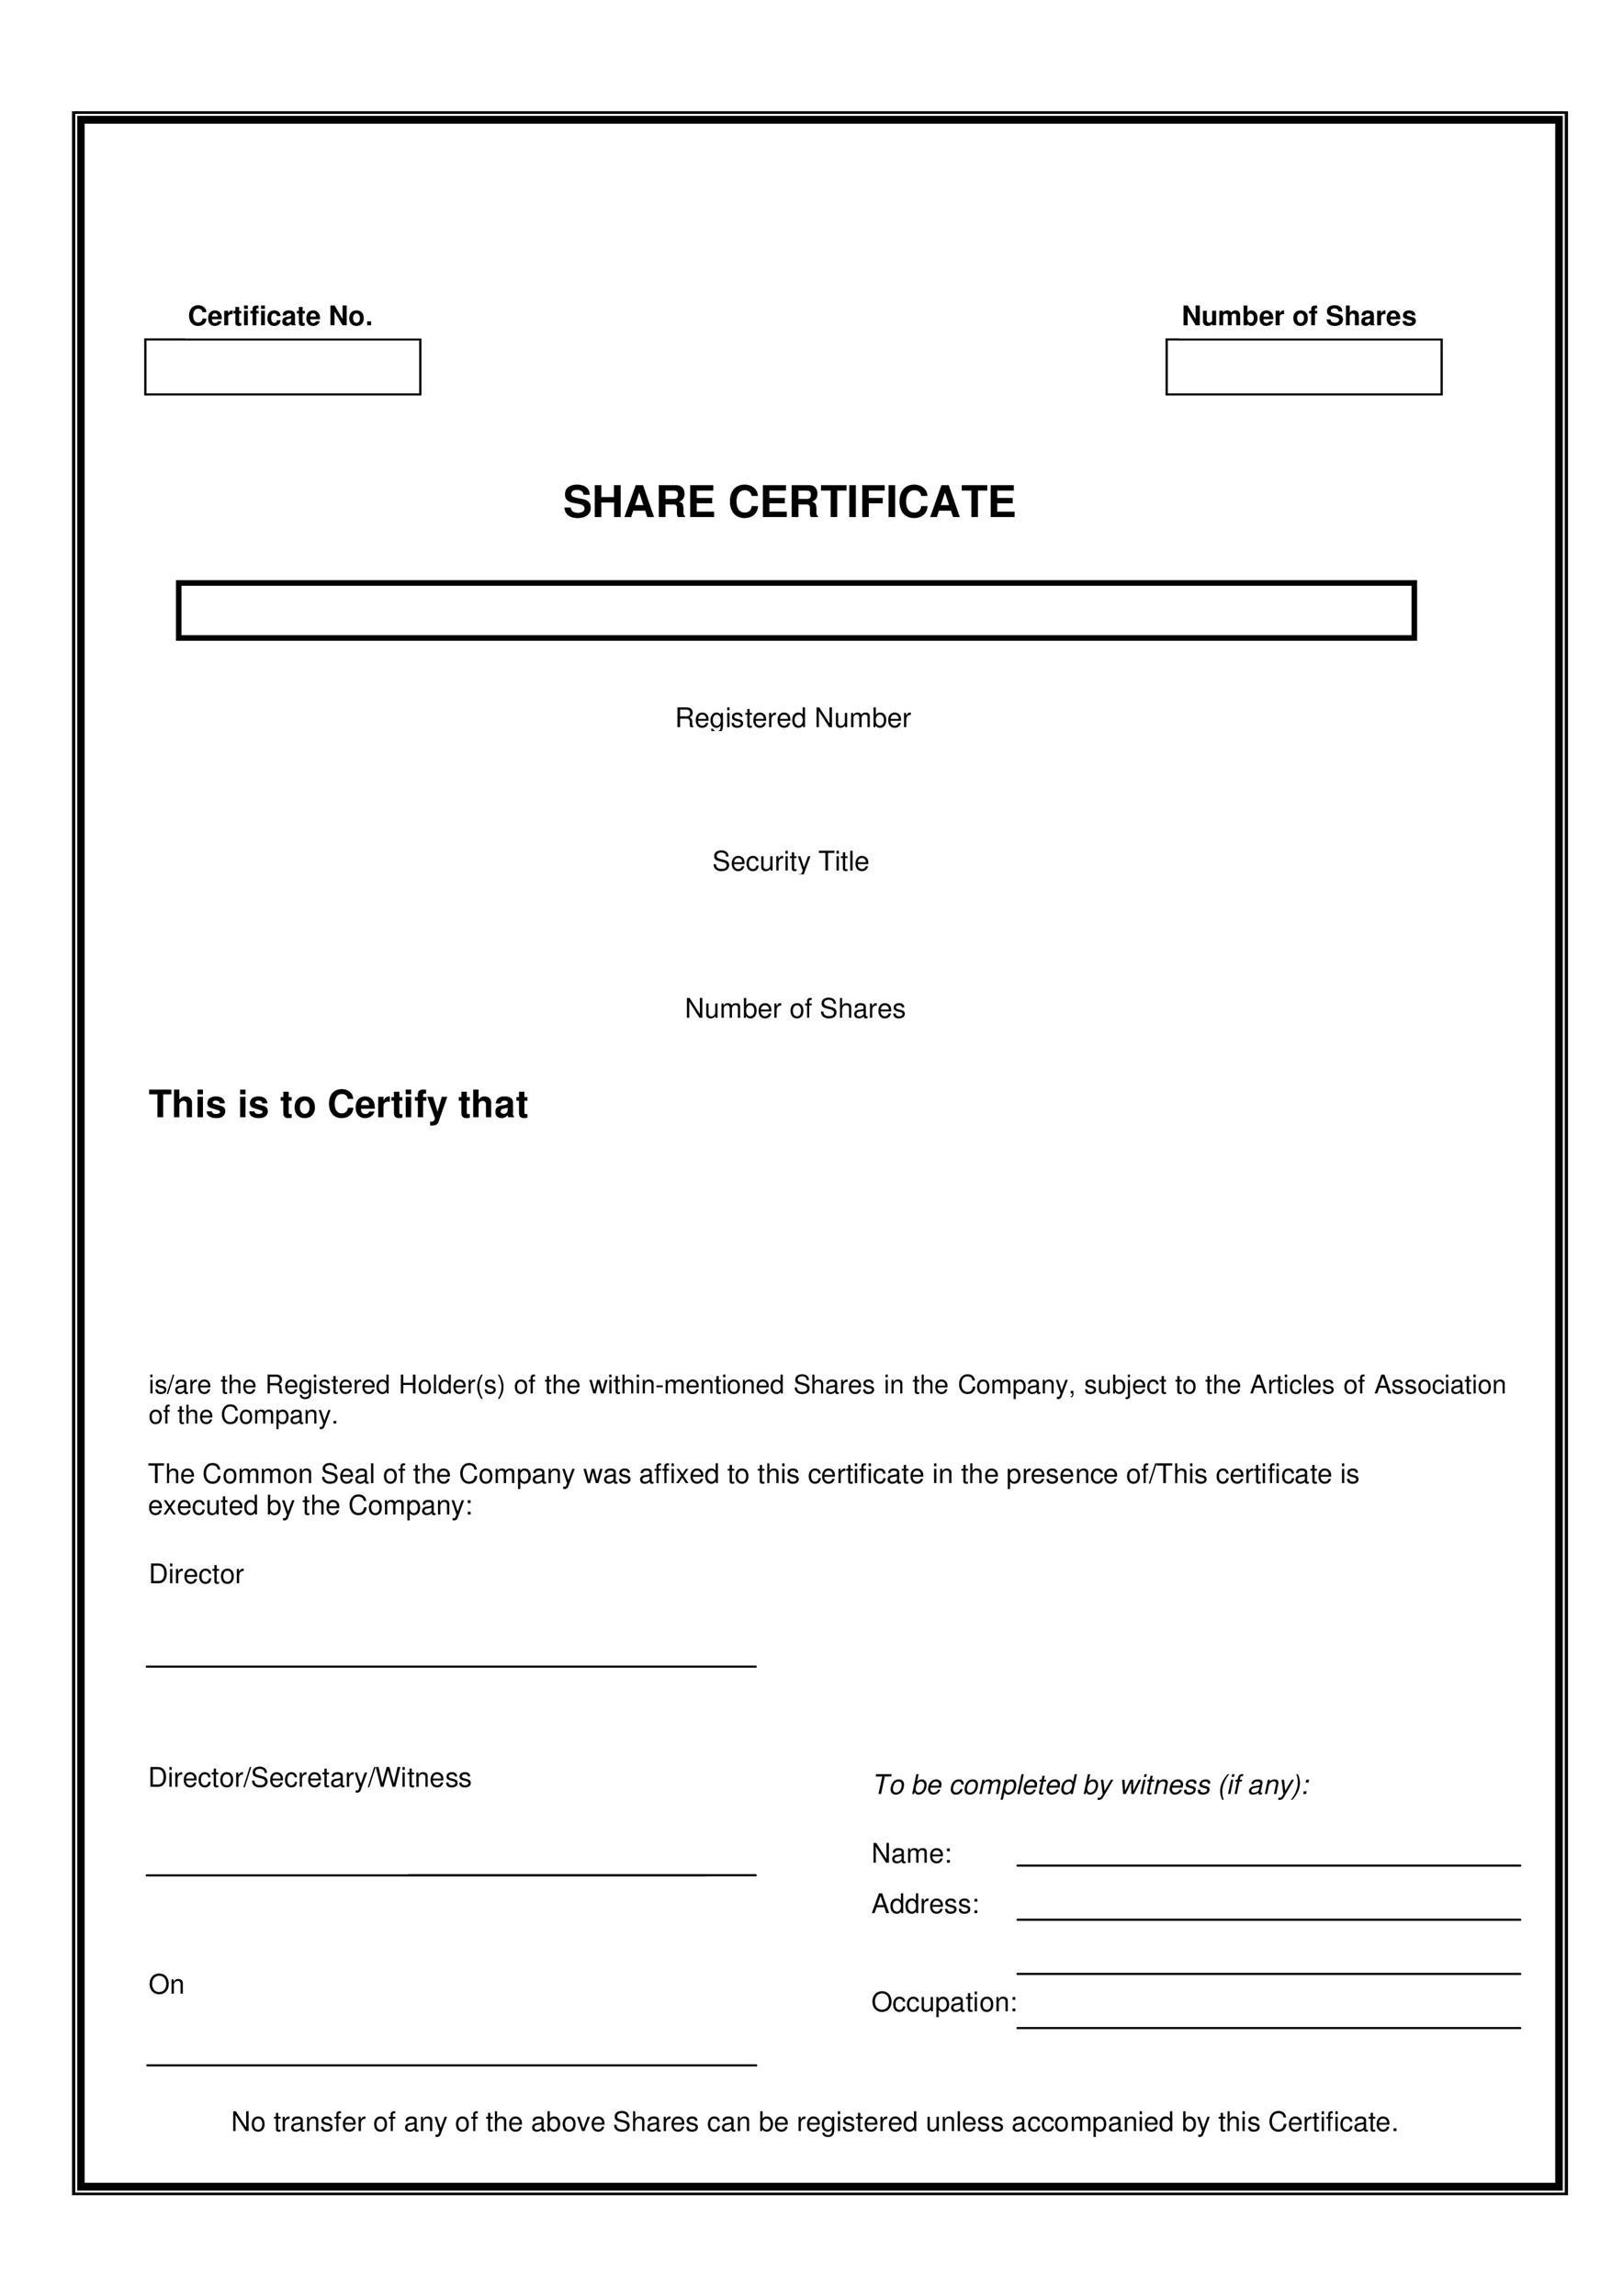 Doc540402 Shareholder Certificate Sample Shareholder – Stock Certificate Format